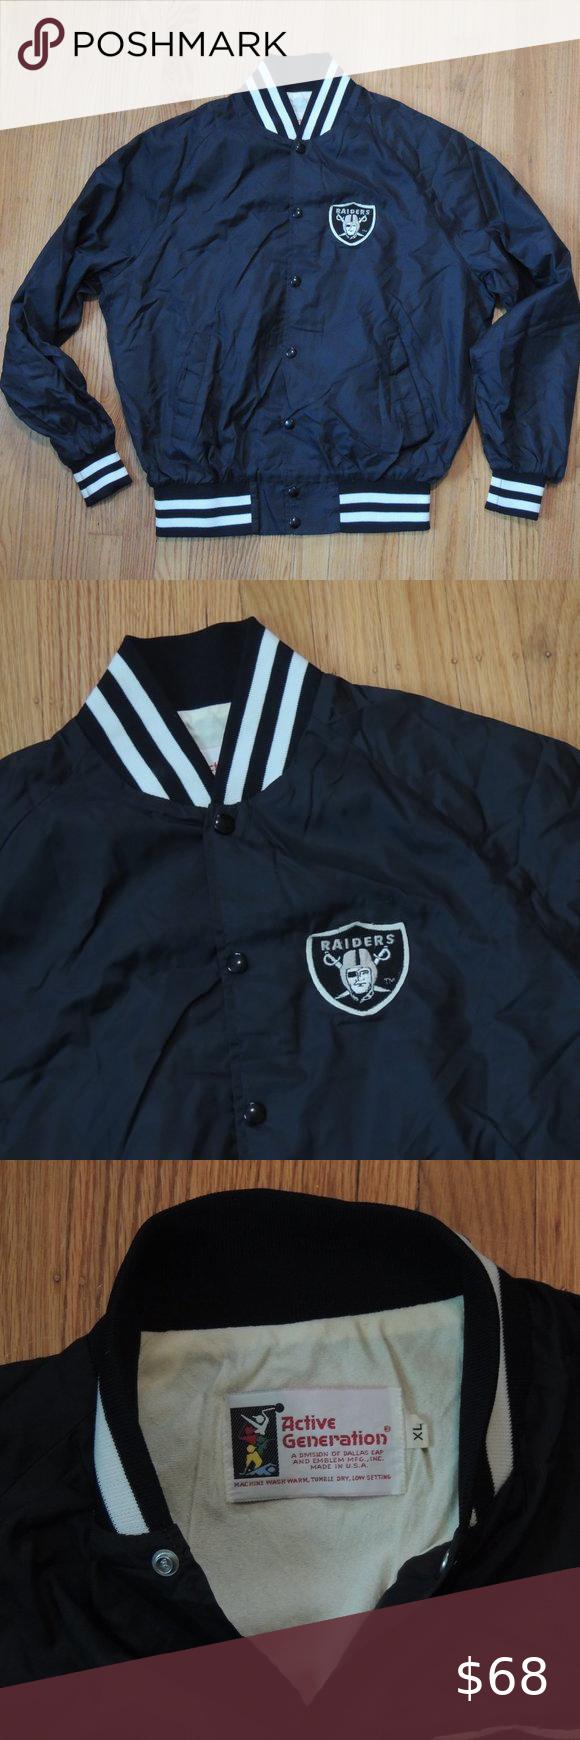 Oakland Raiders Vintage 70s Jacket Nfl Satin Black In 2020 Vintage Jacket Men Vintage Jacket Jackets